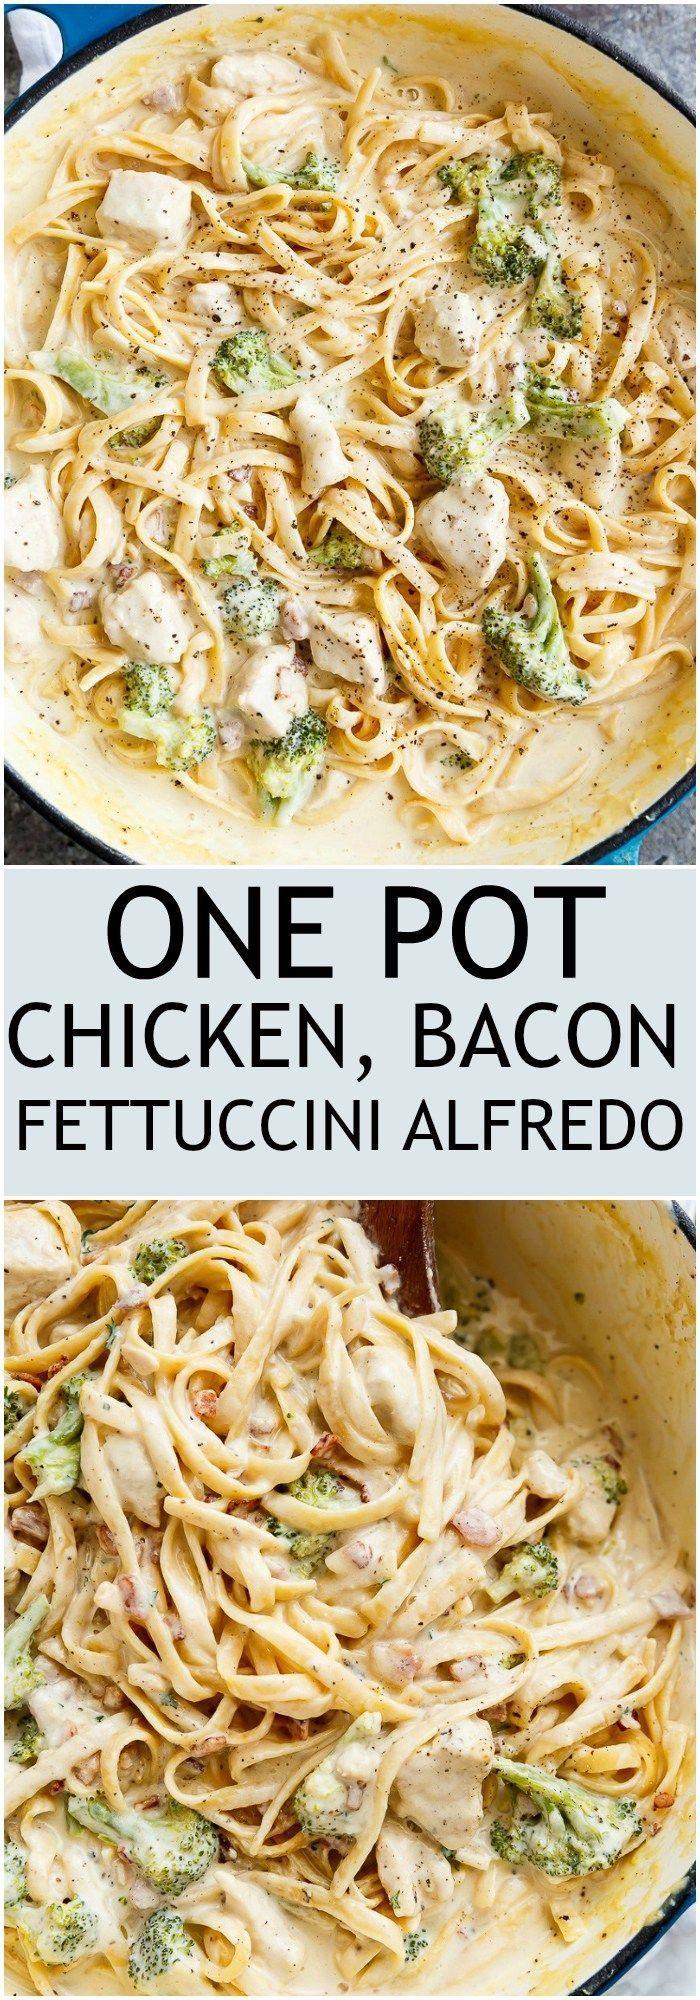 One Pot Chicken Bacon Fettucine Alfredo